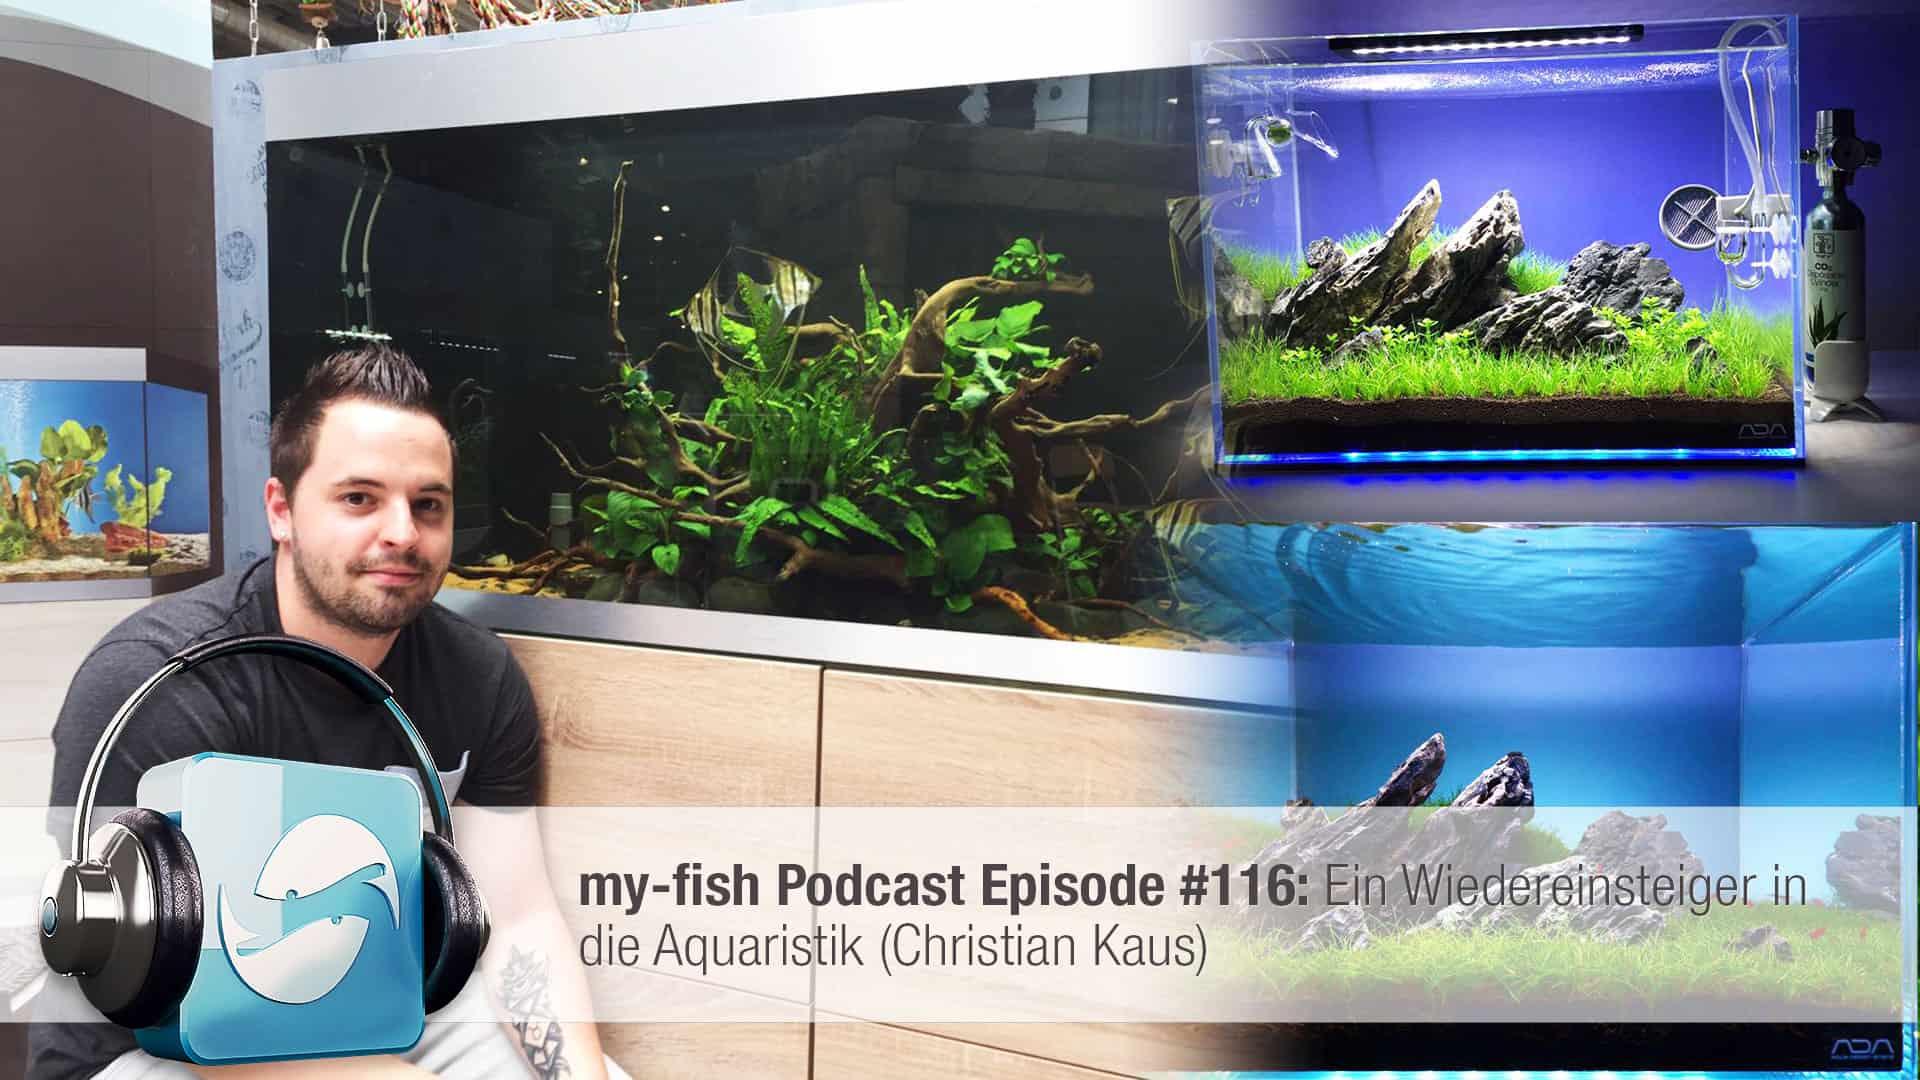 Podcast Episode #116: Ein Wiedereinsteiger in die Aquaristik (Christian Kaus) 1